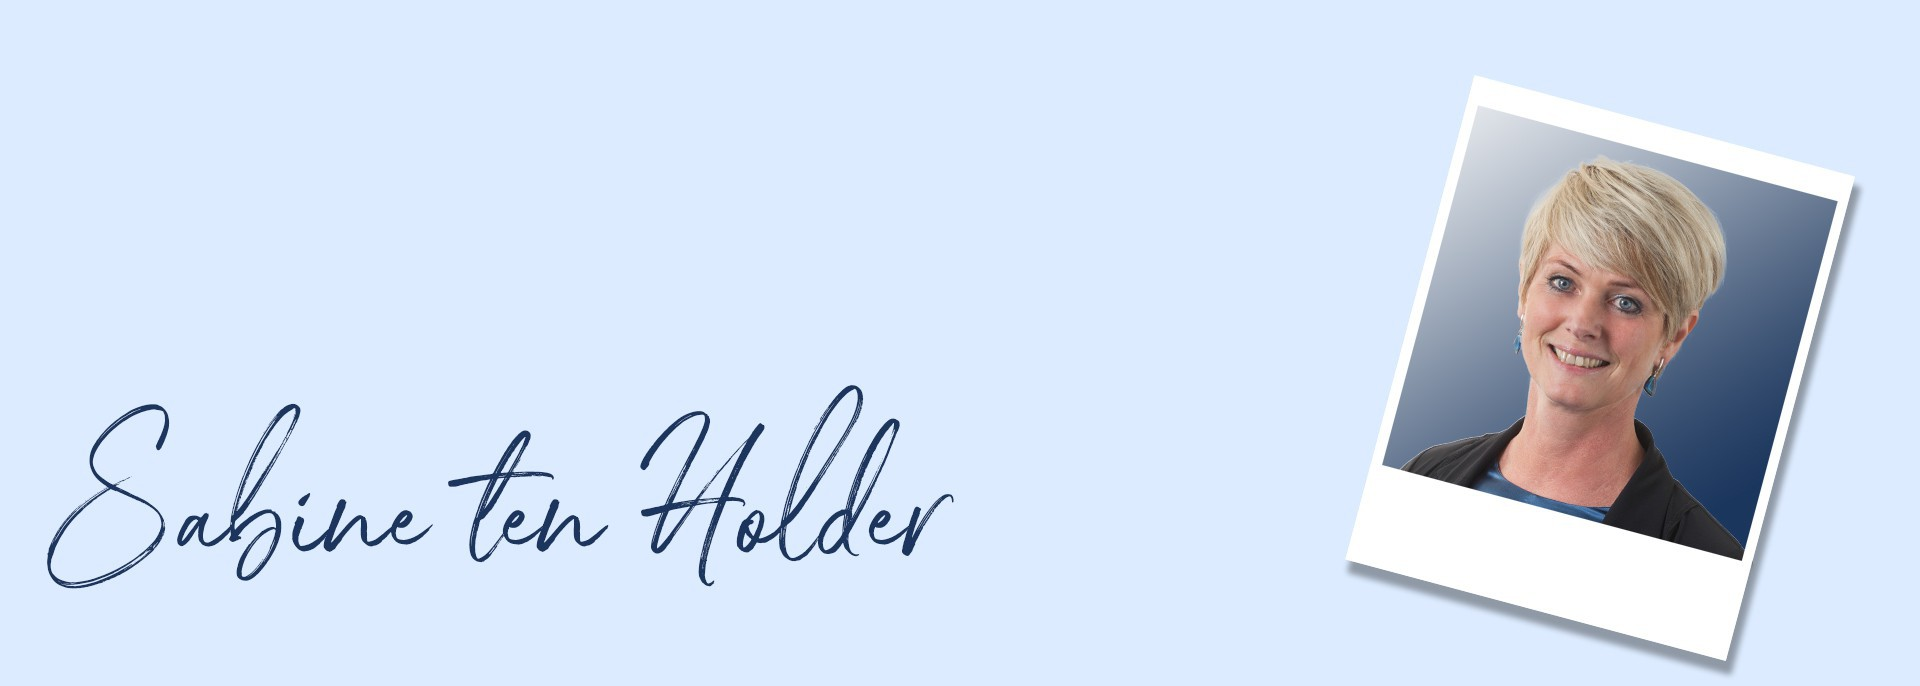 Sabine ten Holder